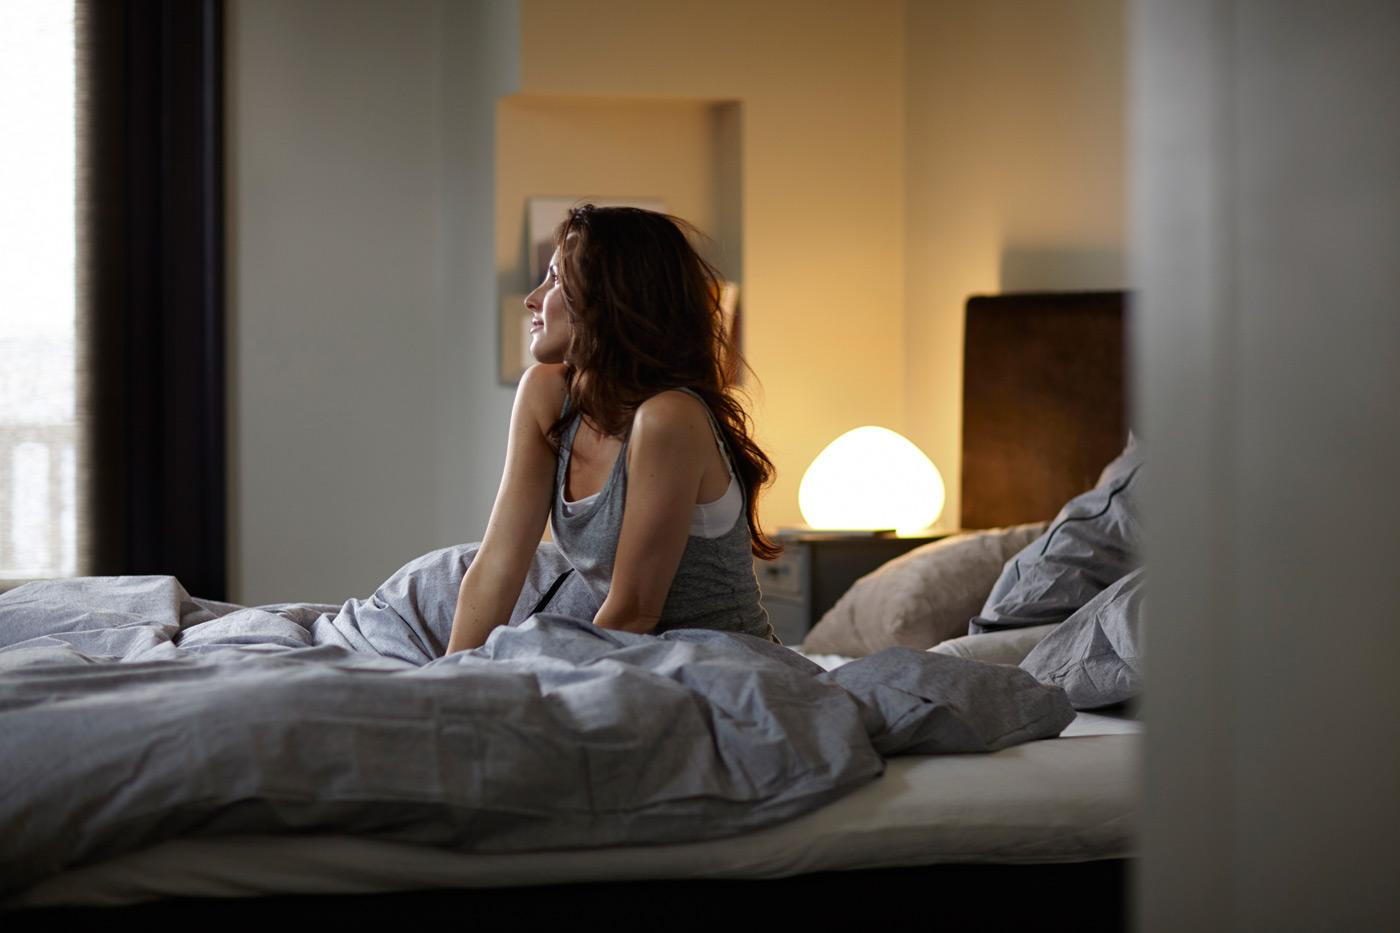 Las nuevas Philips Hue te ayudarán a dormir mejor